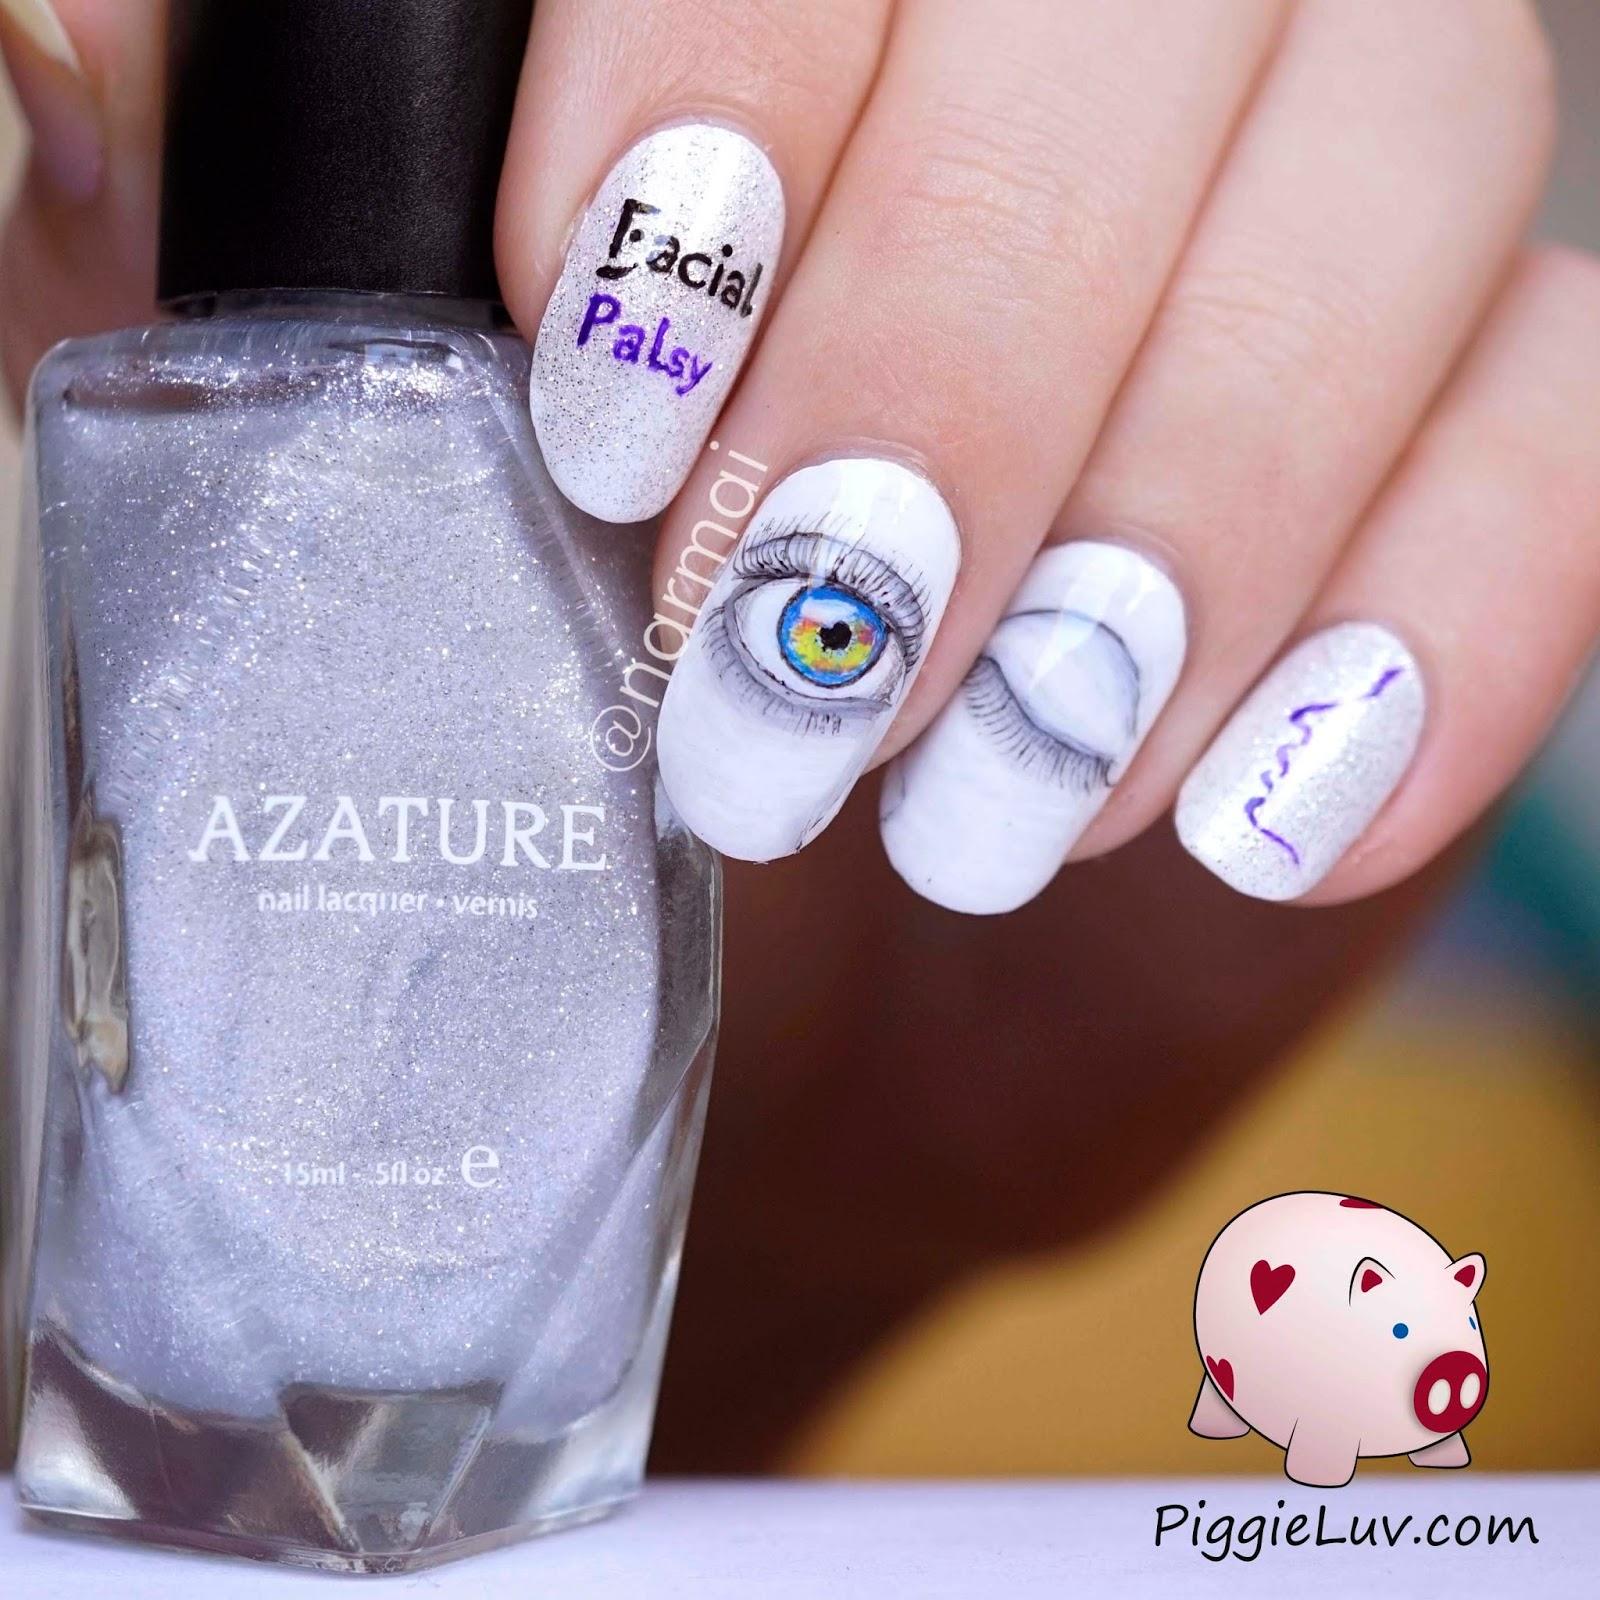 PiggieLuv: Facial Palsy Awareness nail art